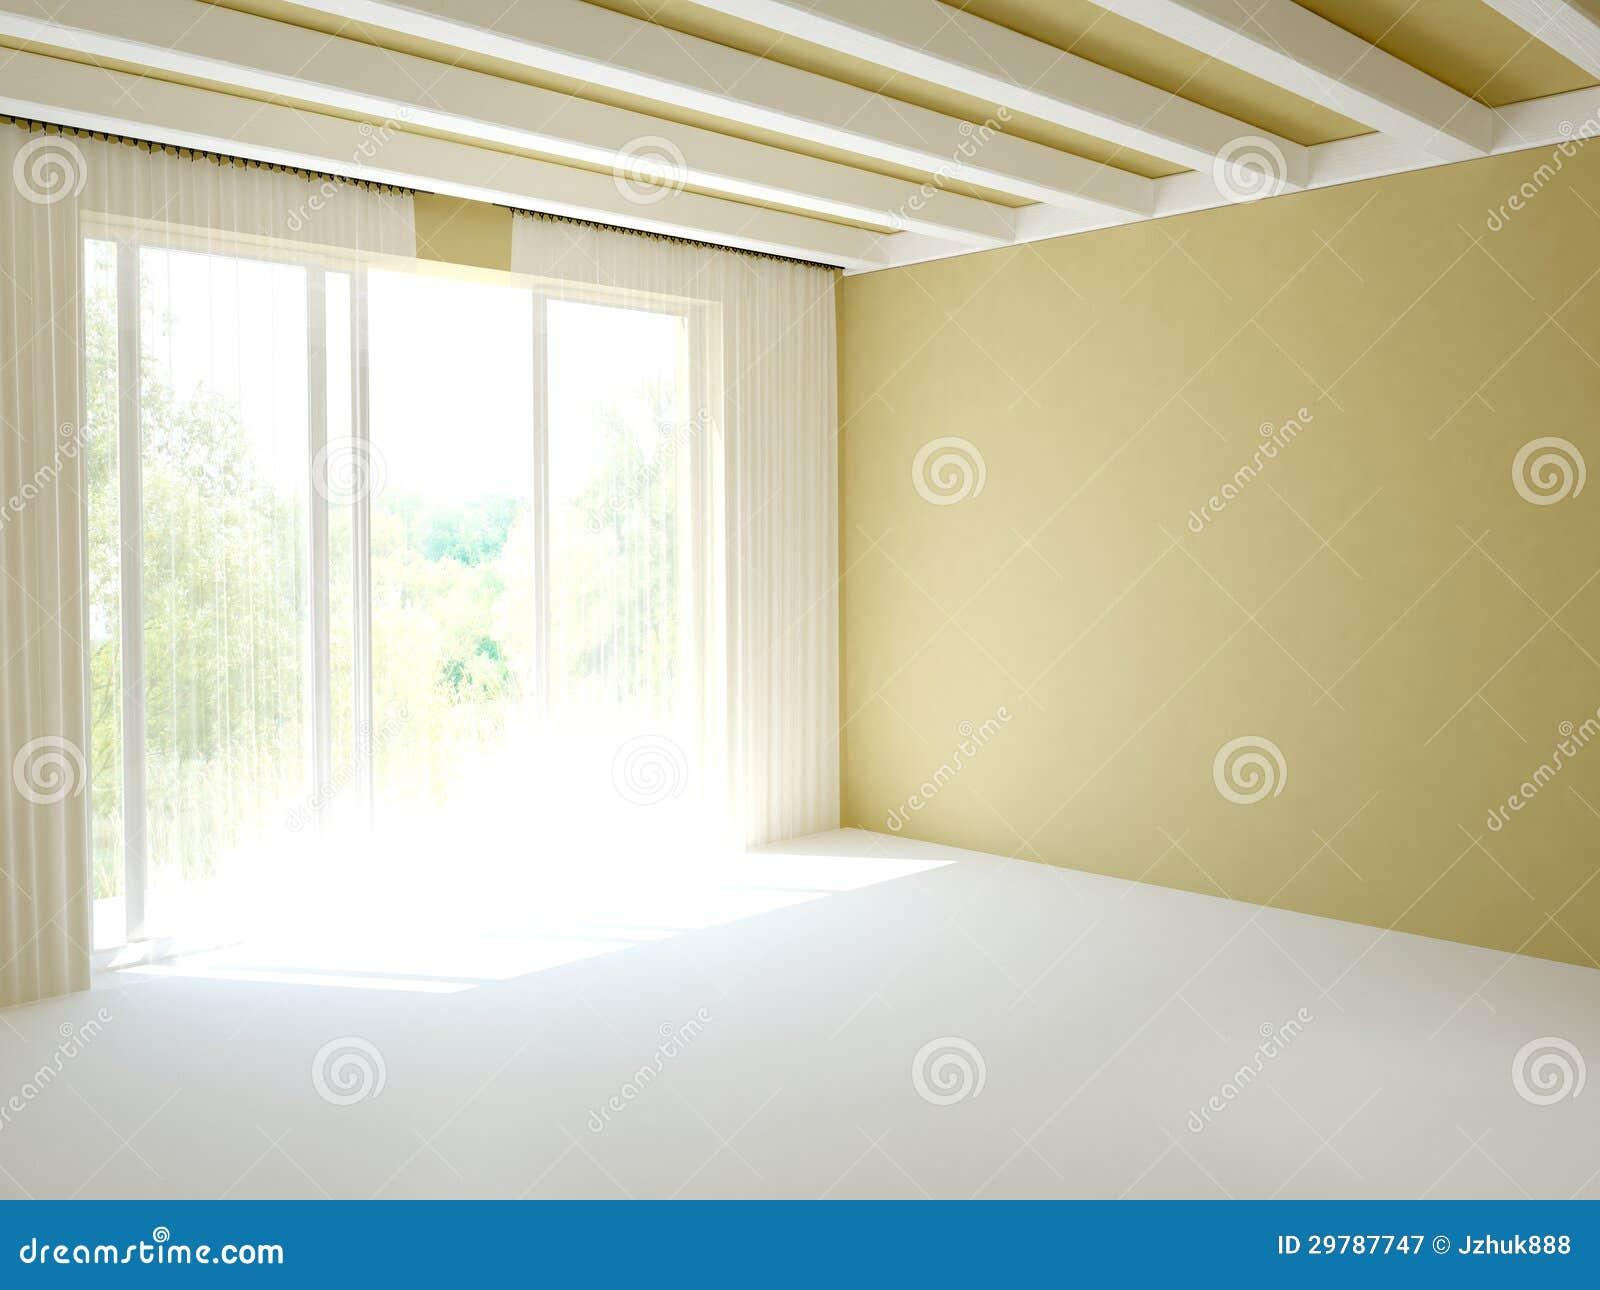 Soffitto In Legno Finto : Travi soffitto finto legno affordable travi effetto legno per